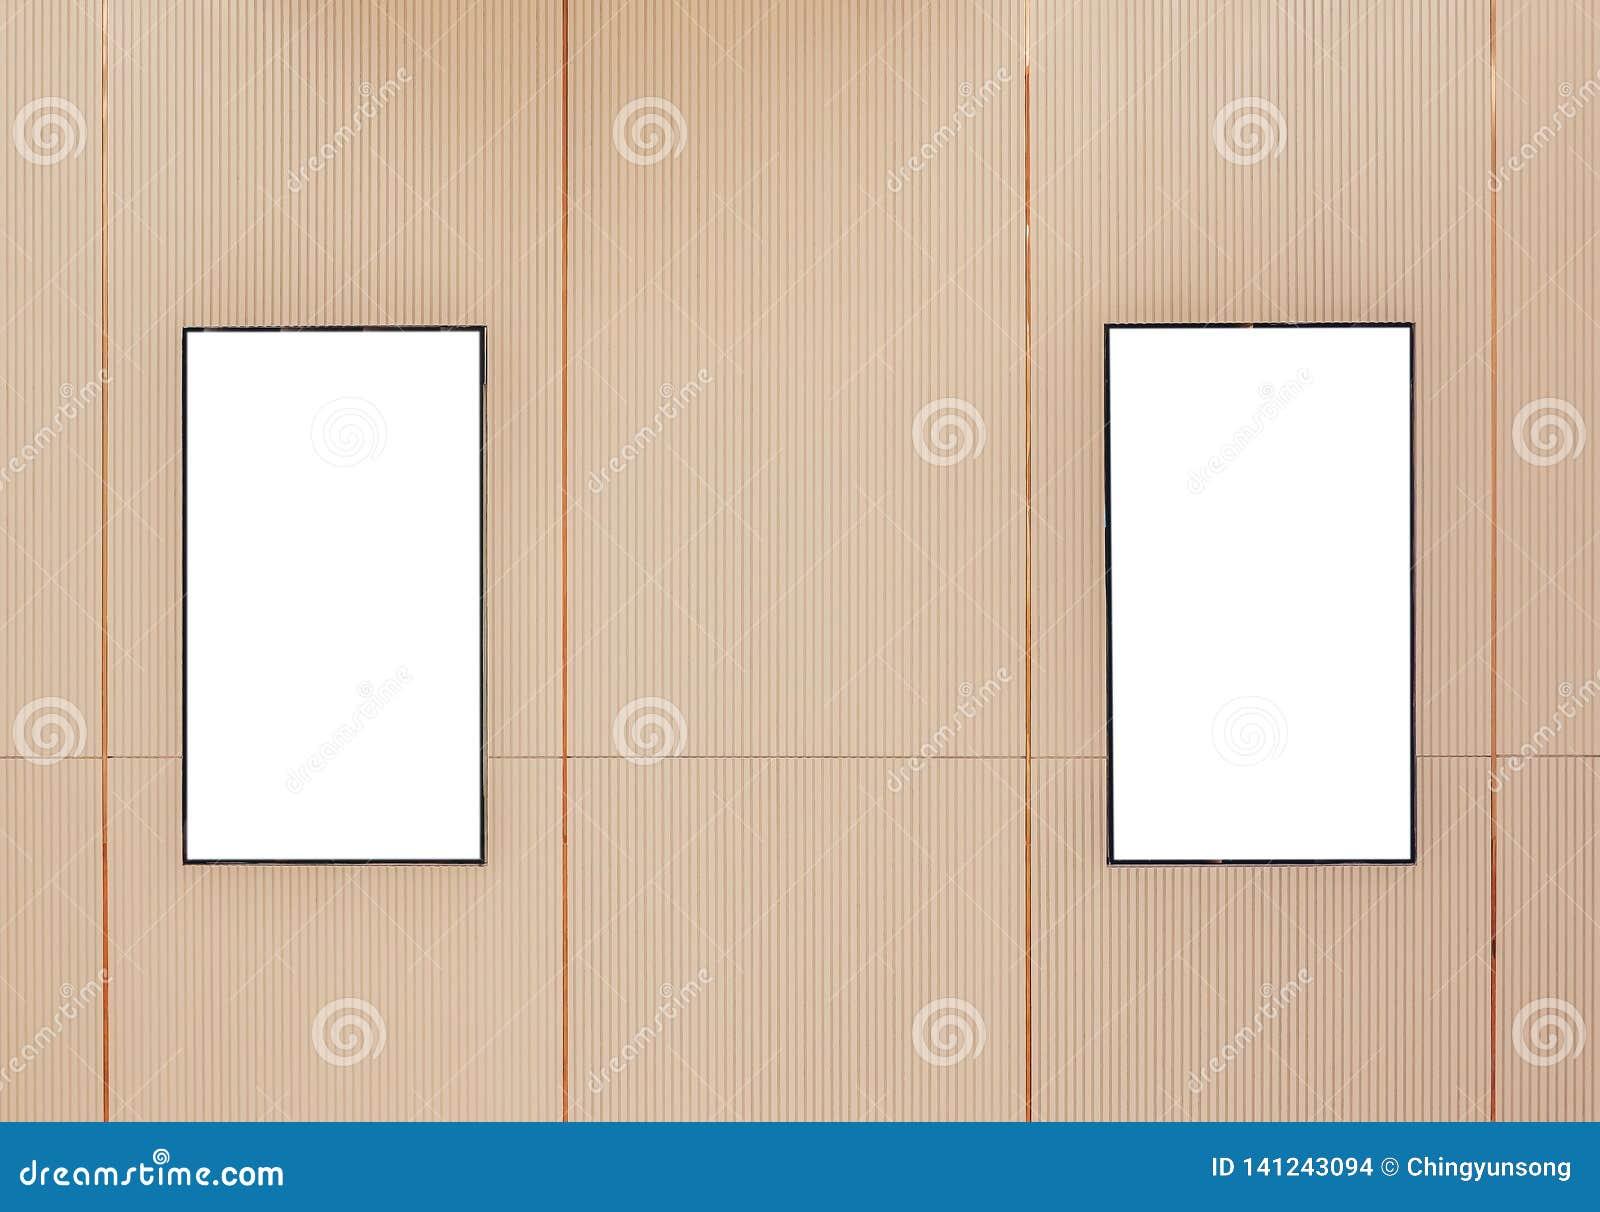 Ask för ljus för affisch för film två eller lightbox eller affischtavlor för skärmrambio med vitt tomt utrymme längs gångbanan i